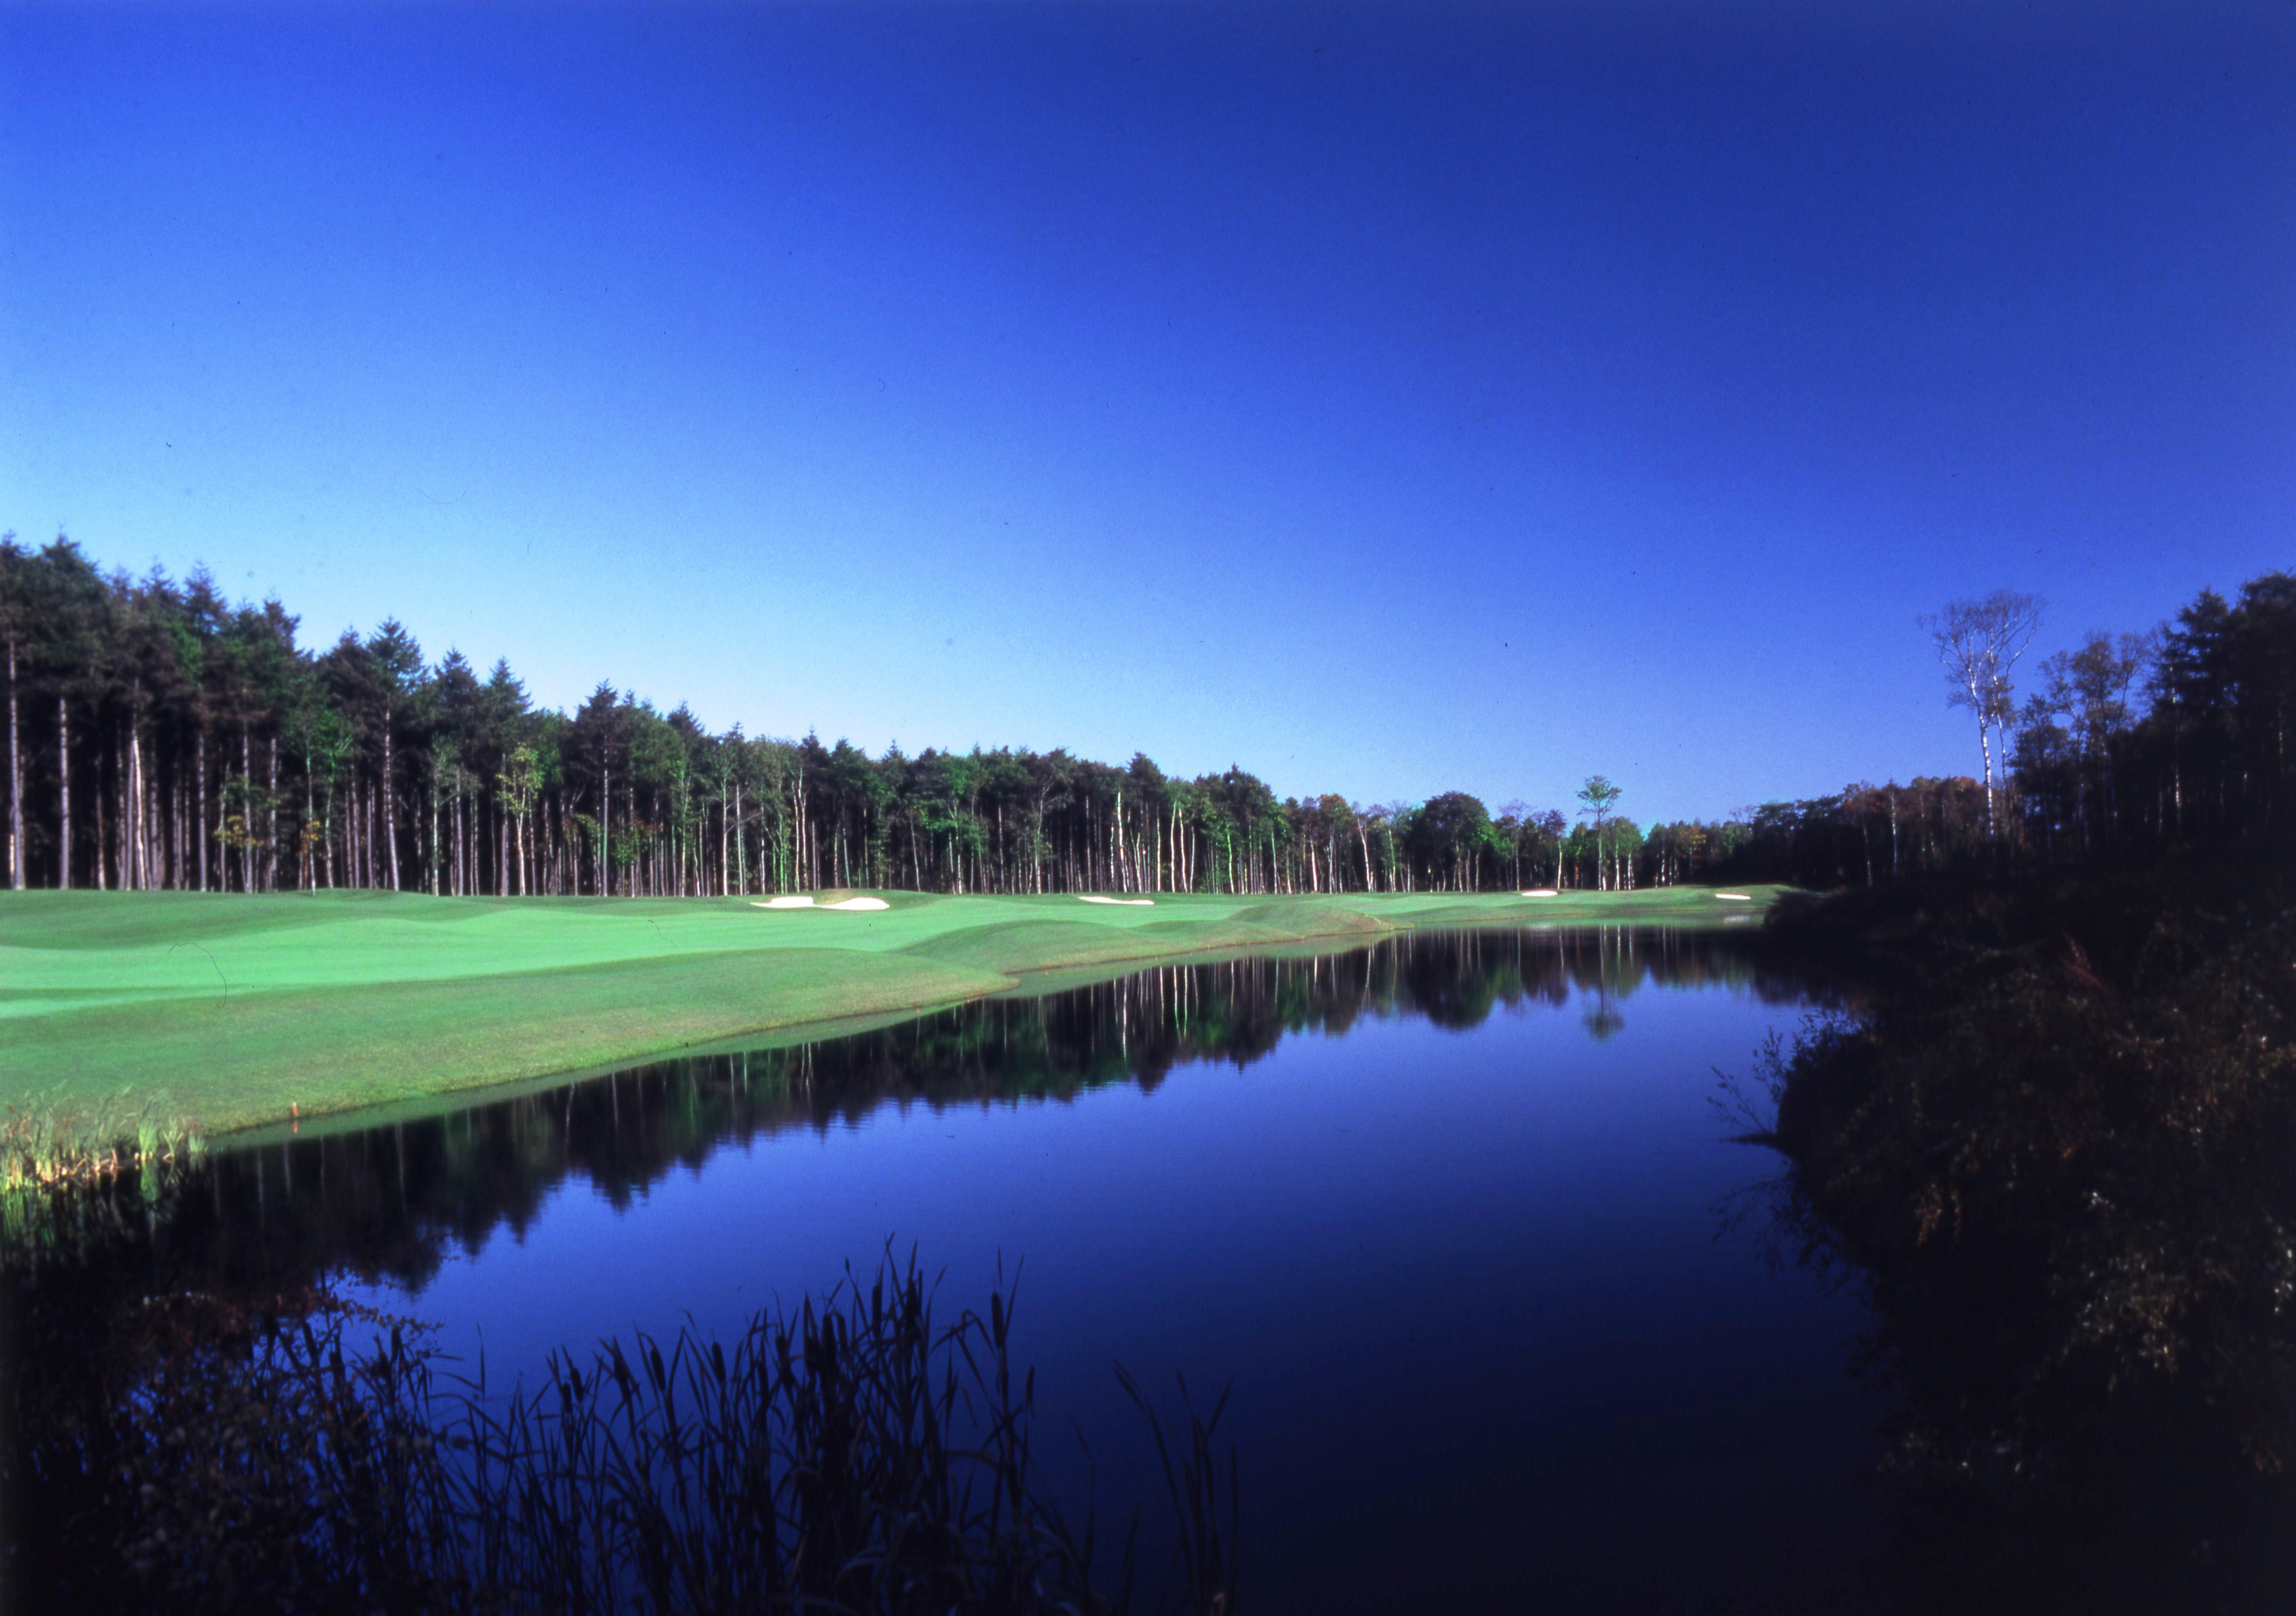 Katsura Golf Club Hokkaido